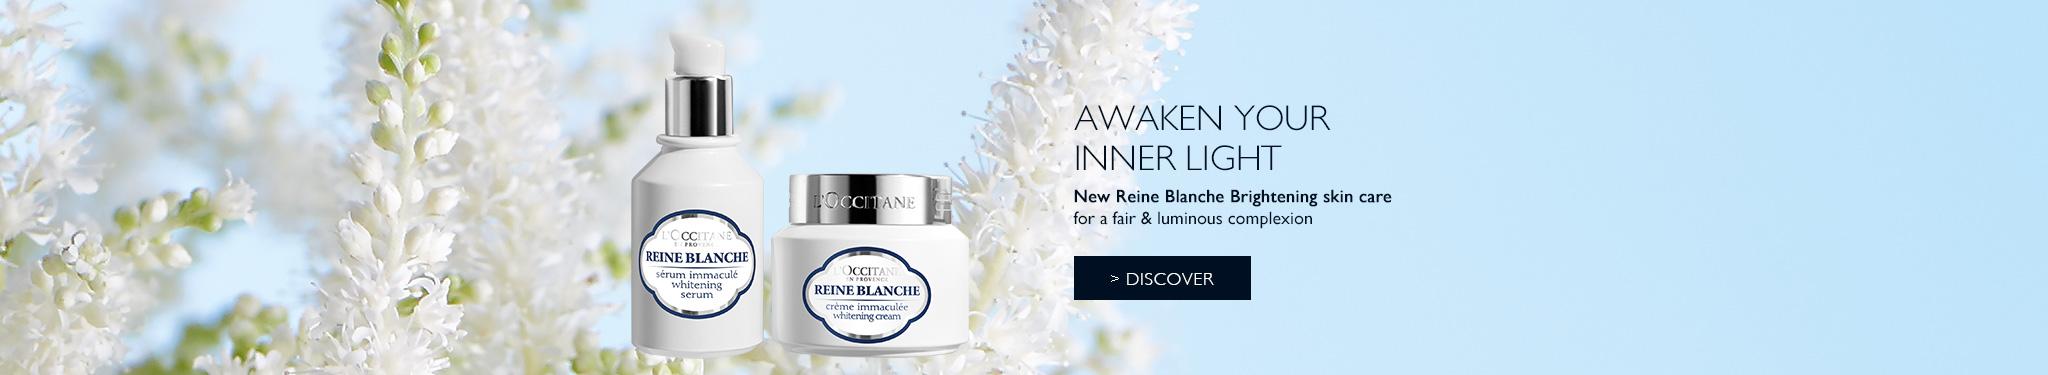 New Reine Blanche Brightening skin care